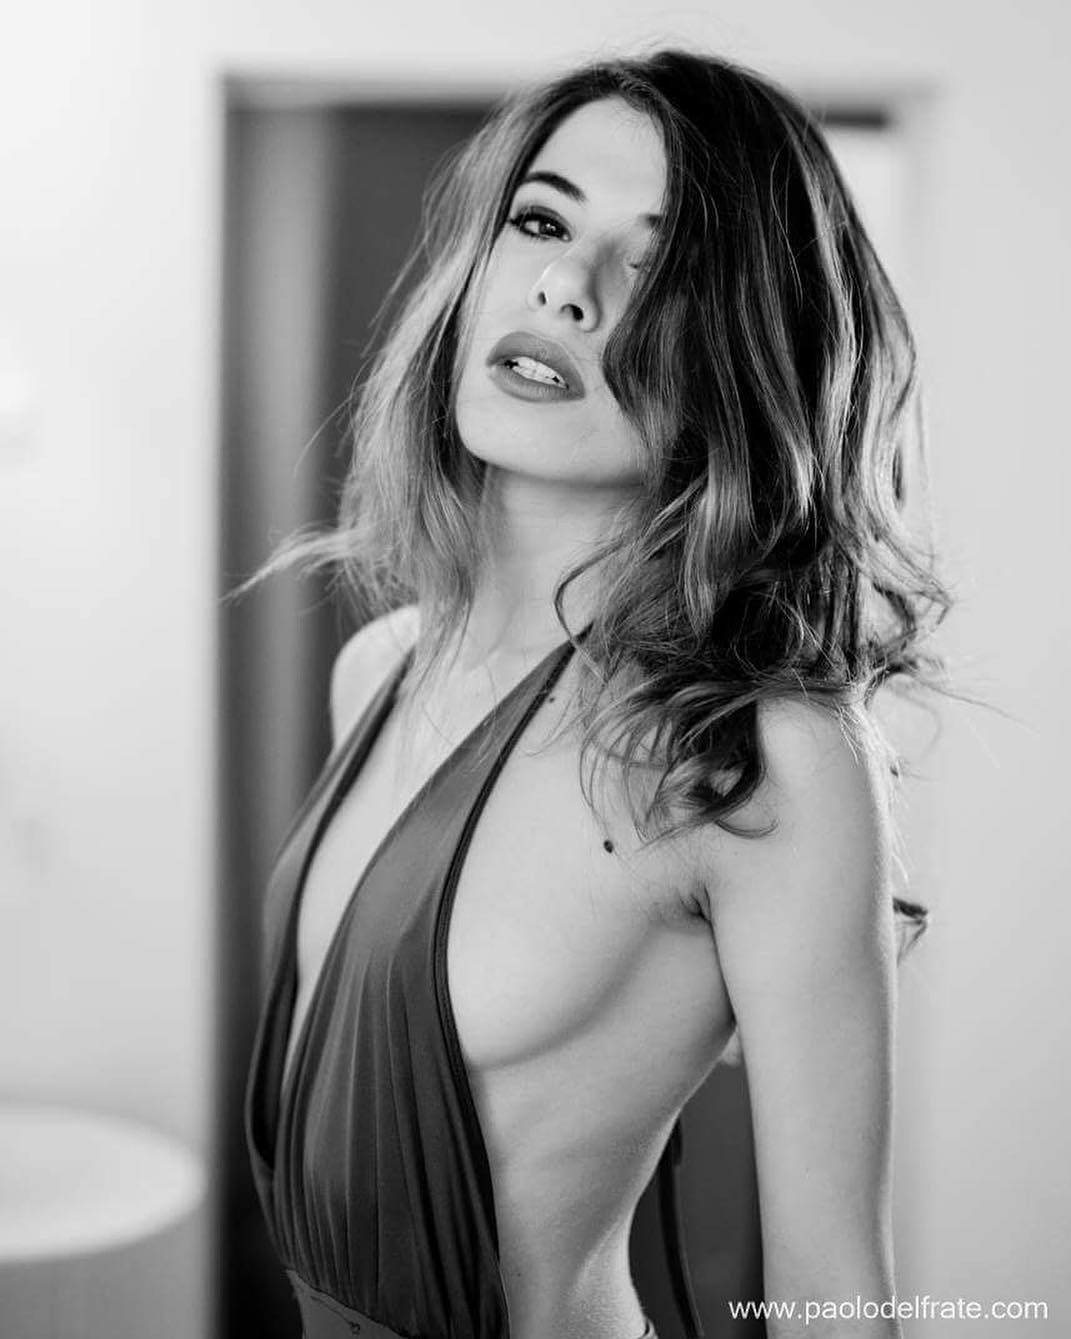 Young Chiara Bianchino nude photos 2019